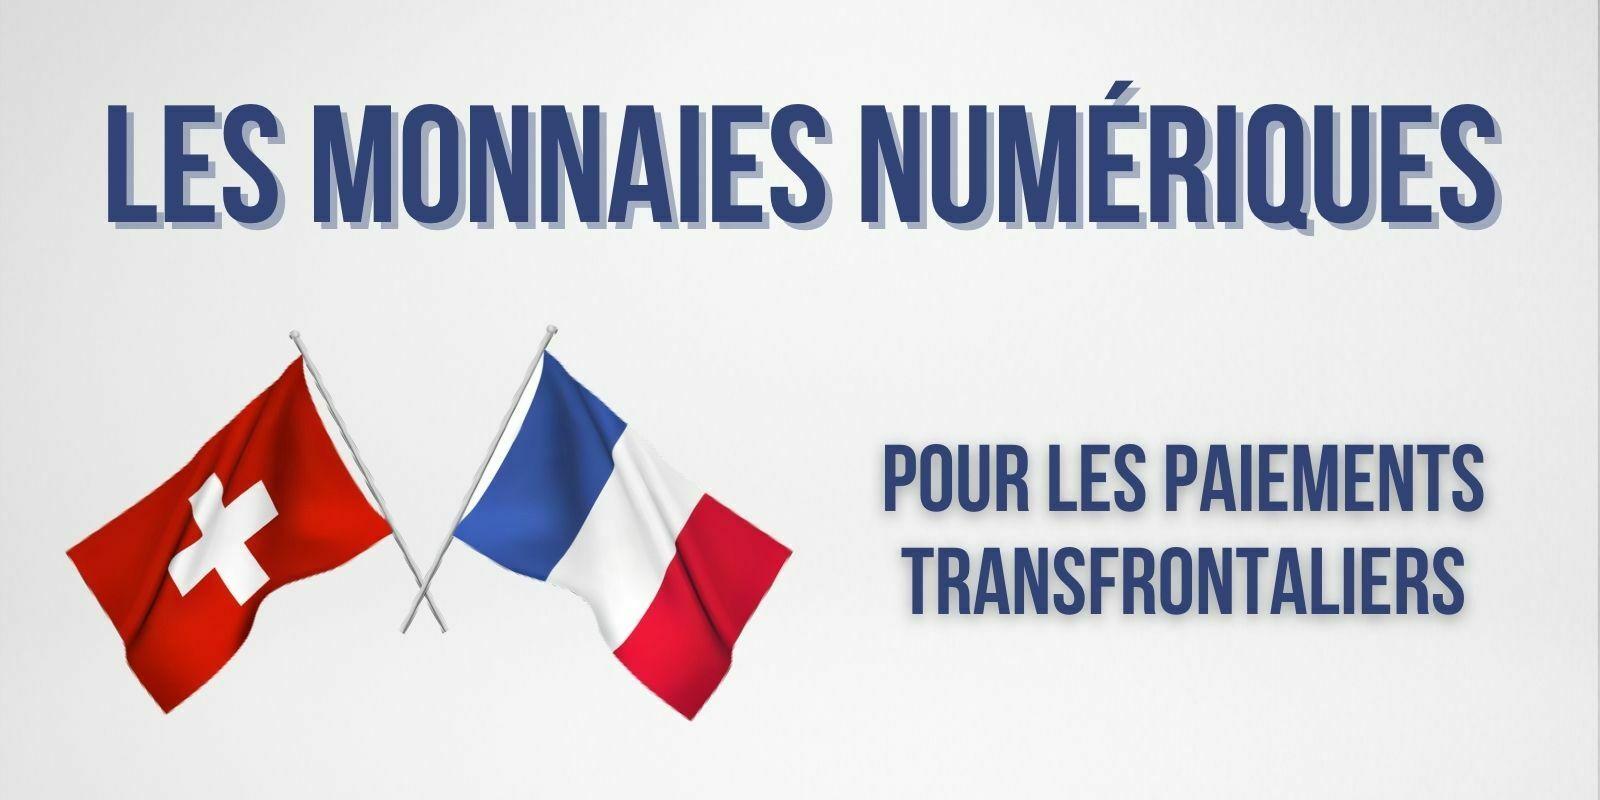 La France et la Suisse expérimentent des monnaies numériques pour les paiements transfrontaliers